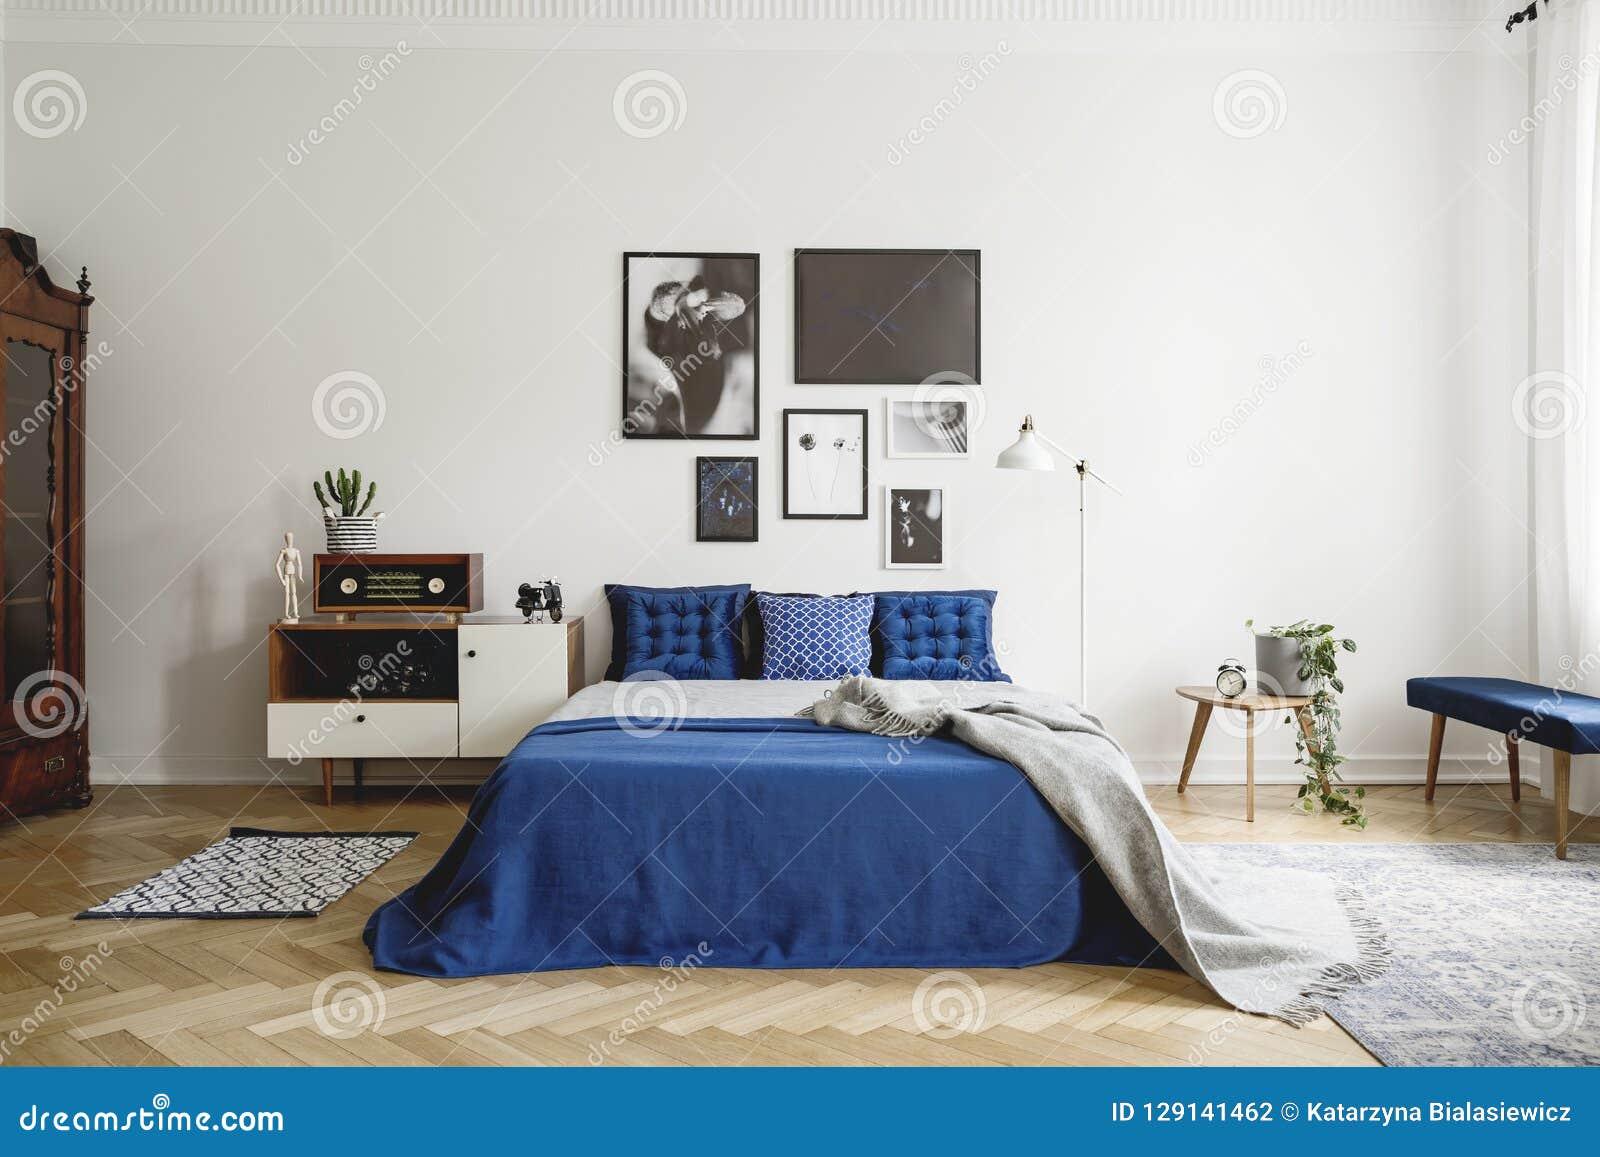 Weinleseschlafzimmerinnenraum mit Nachttisch, Königgrößenbett mit blauer Bettwäsche und Kissen Modellgalerie auf der weißen Wand